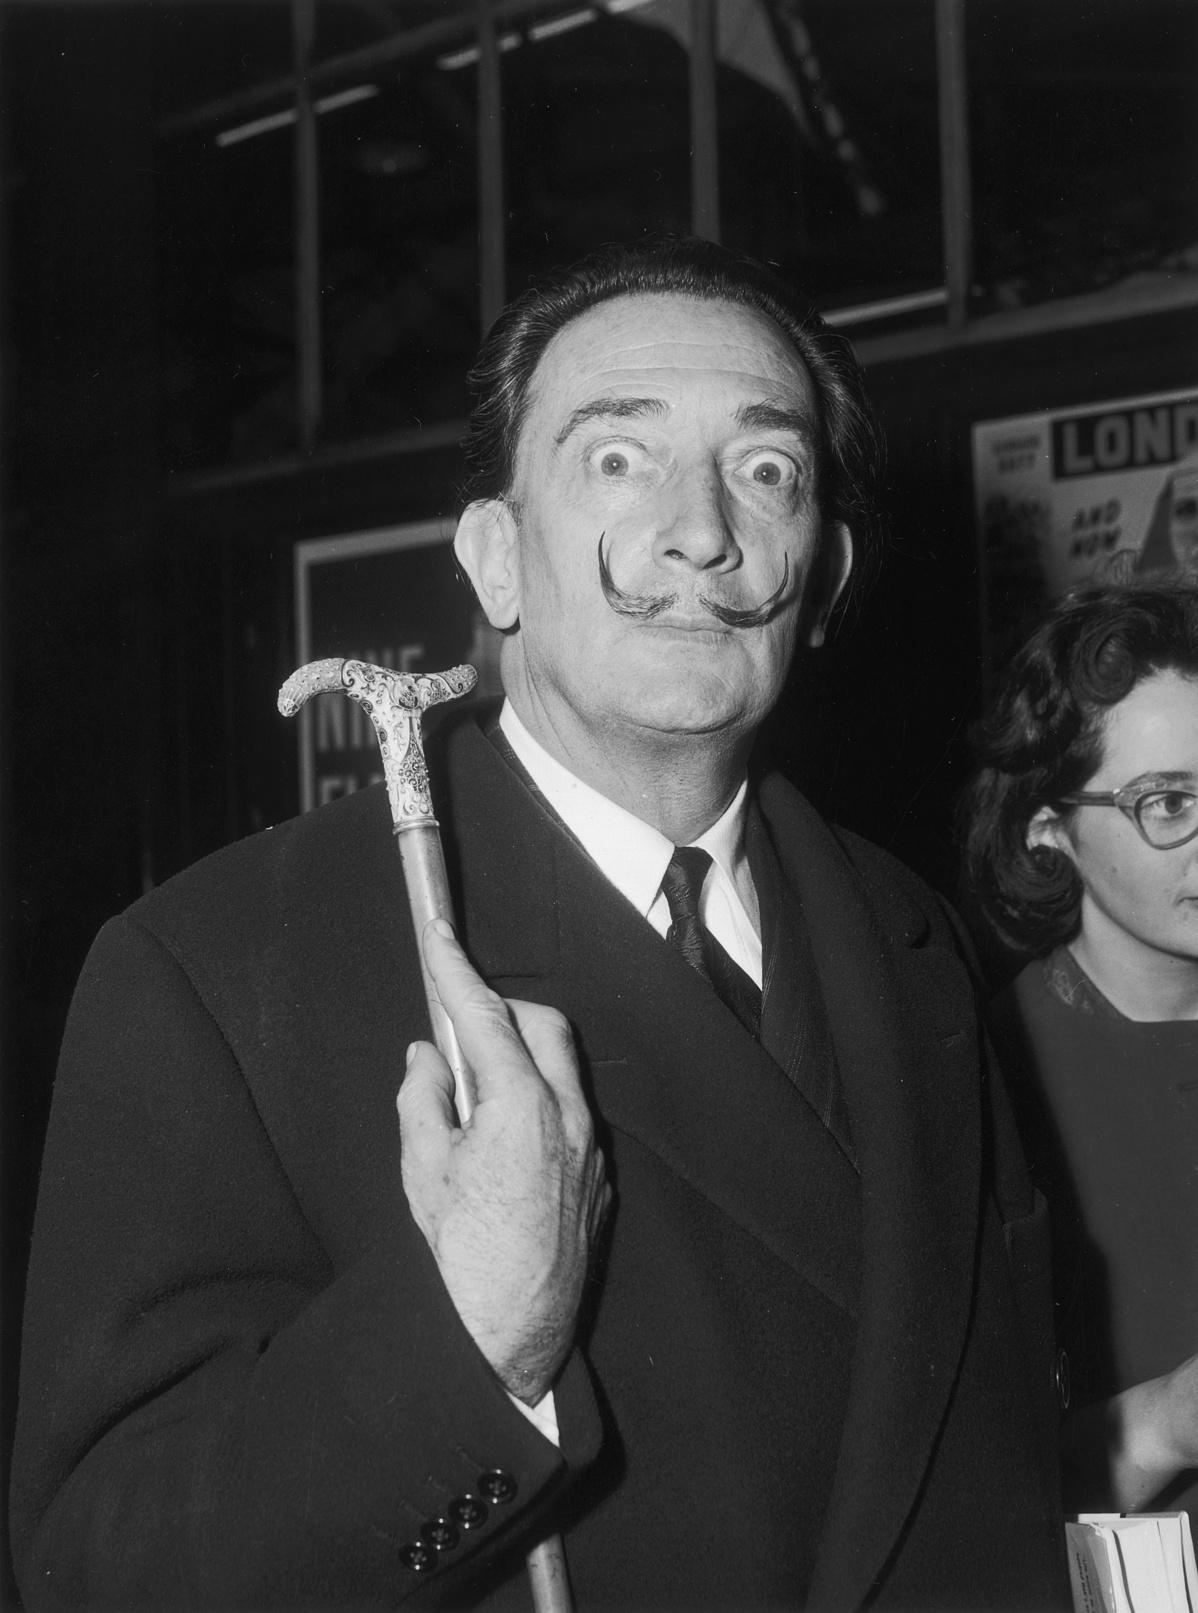 1959. május 6. Salvador Dali (1904 - 1989) épp Párizsból érkezett meg Victoriába, hogy részt vegyen a 'The Case of Salvador Dali' című könyv kiadóinak partiján